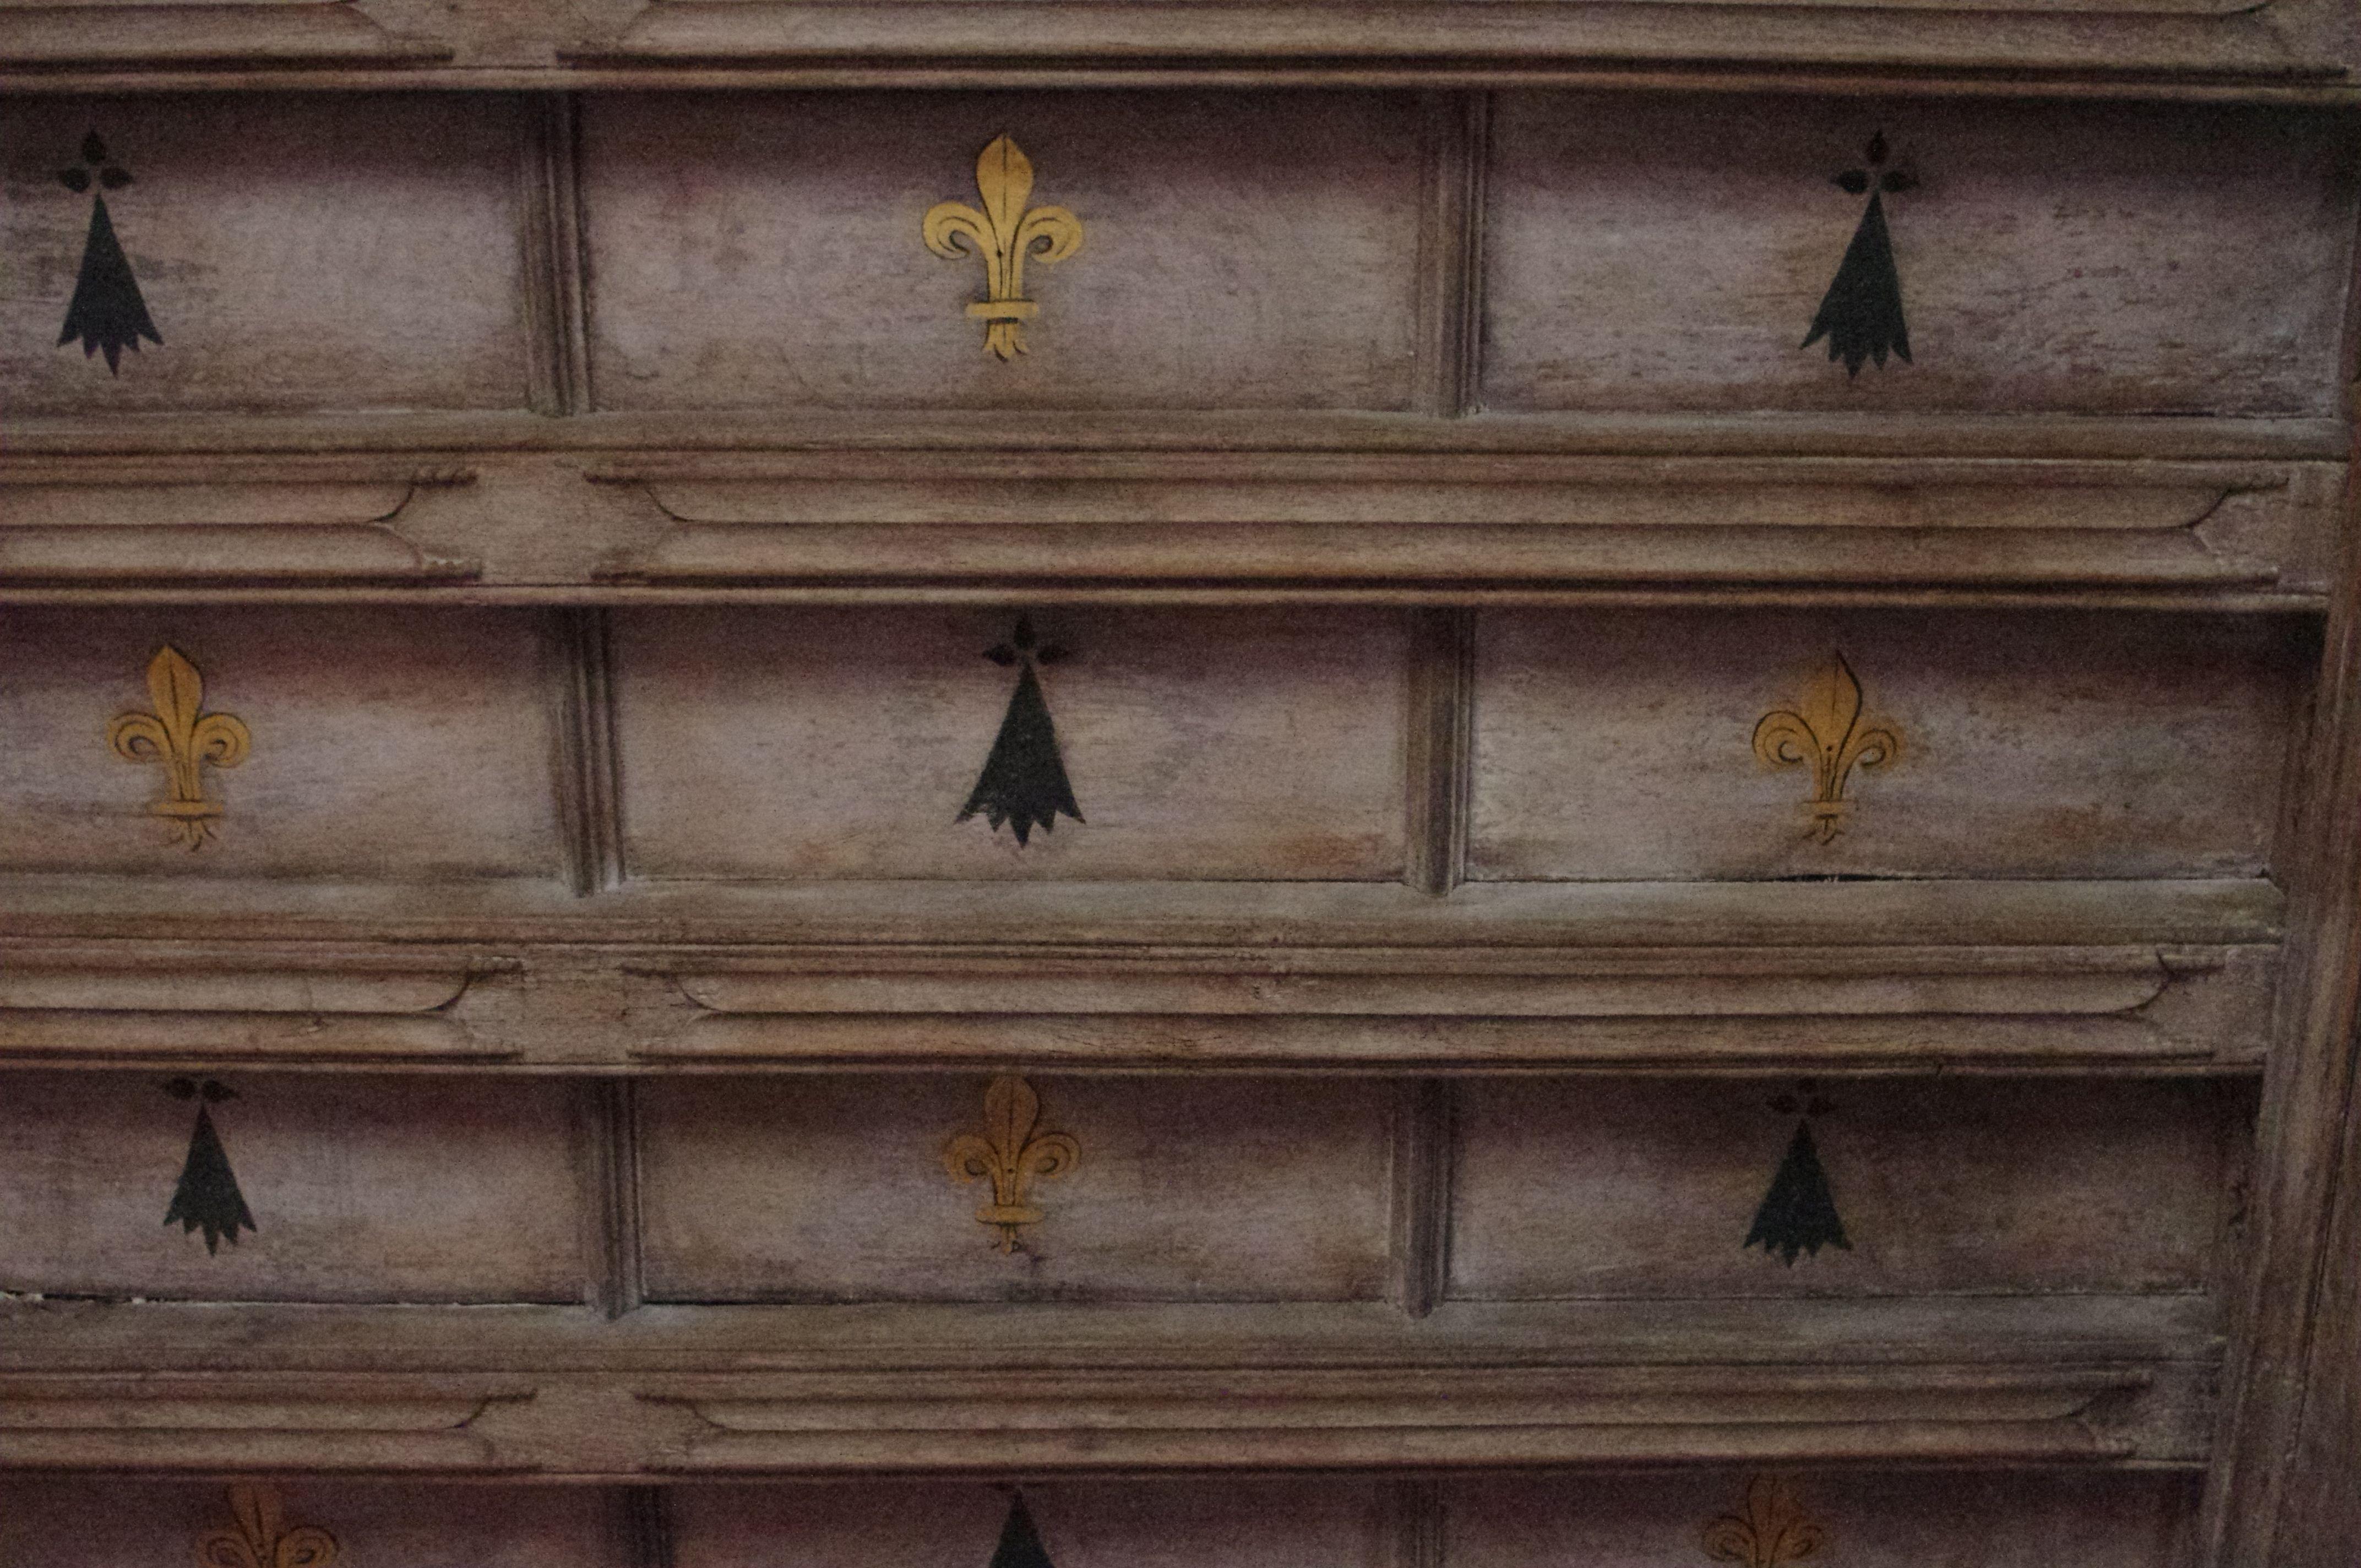 Le Bois Orcan Chateau Des Xive Et Xve Siecles Classe Mh Plafond